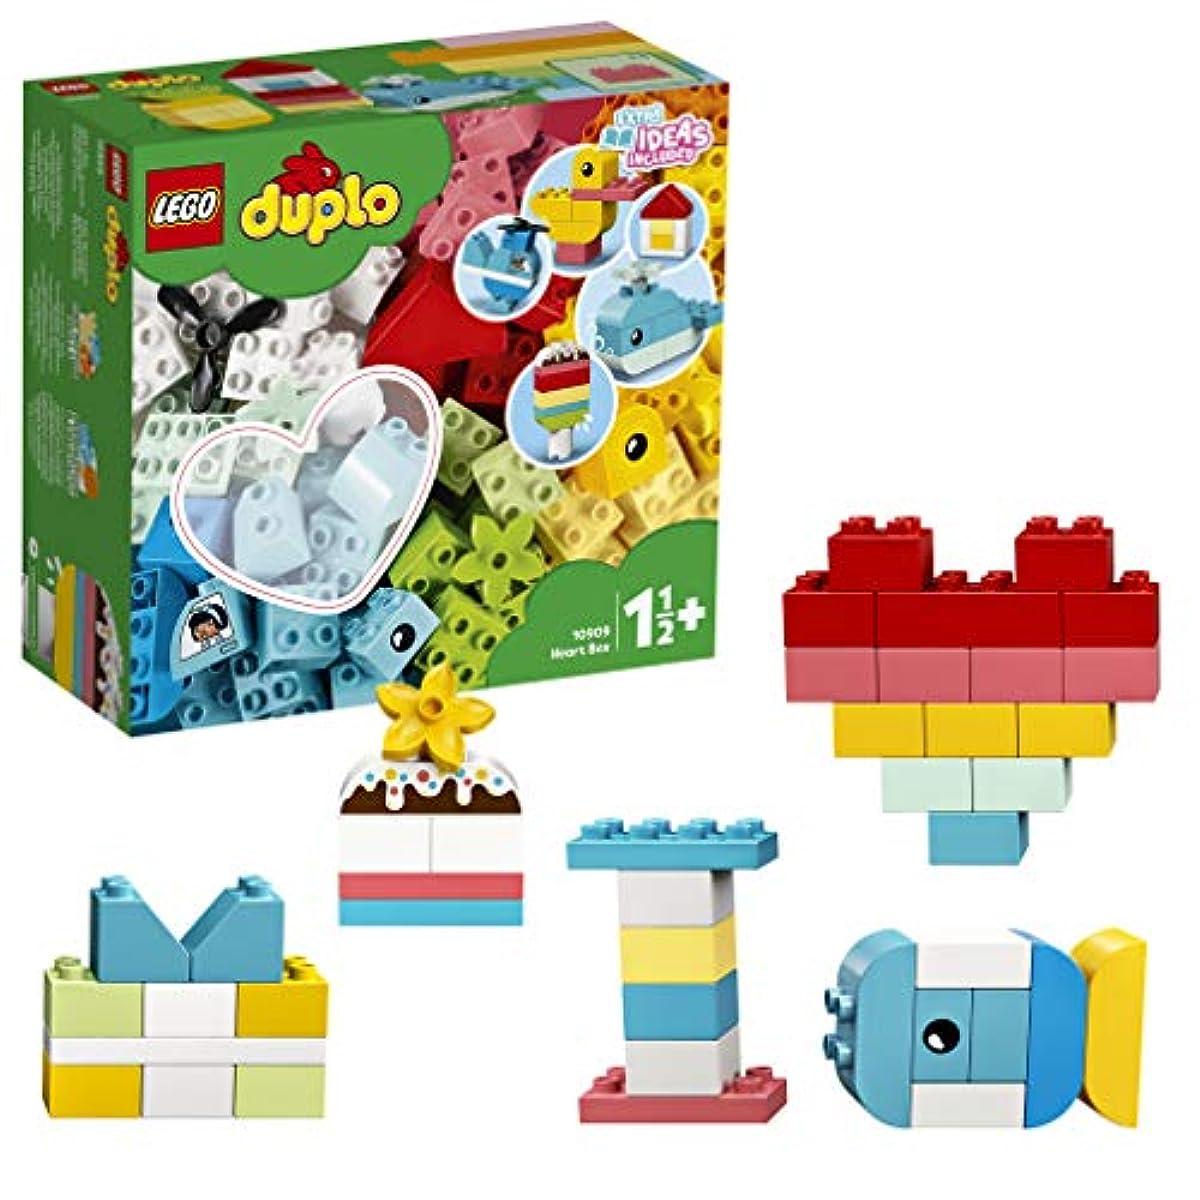 [해외] 레고(LEGO) 듀플로 듀플로우 여러가지 아이디어 박스<ハート> 10909